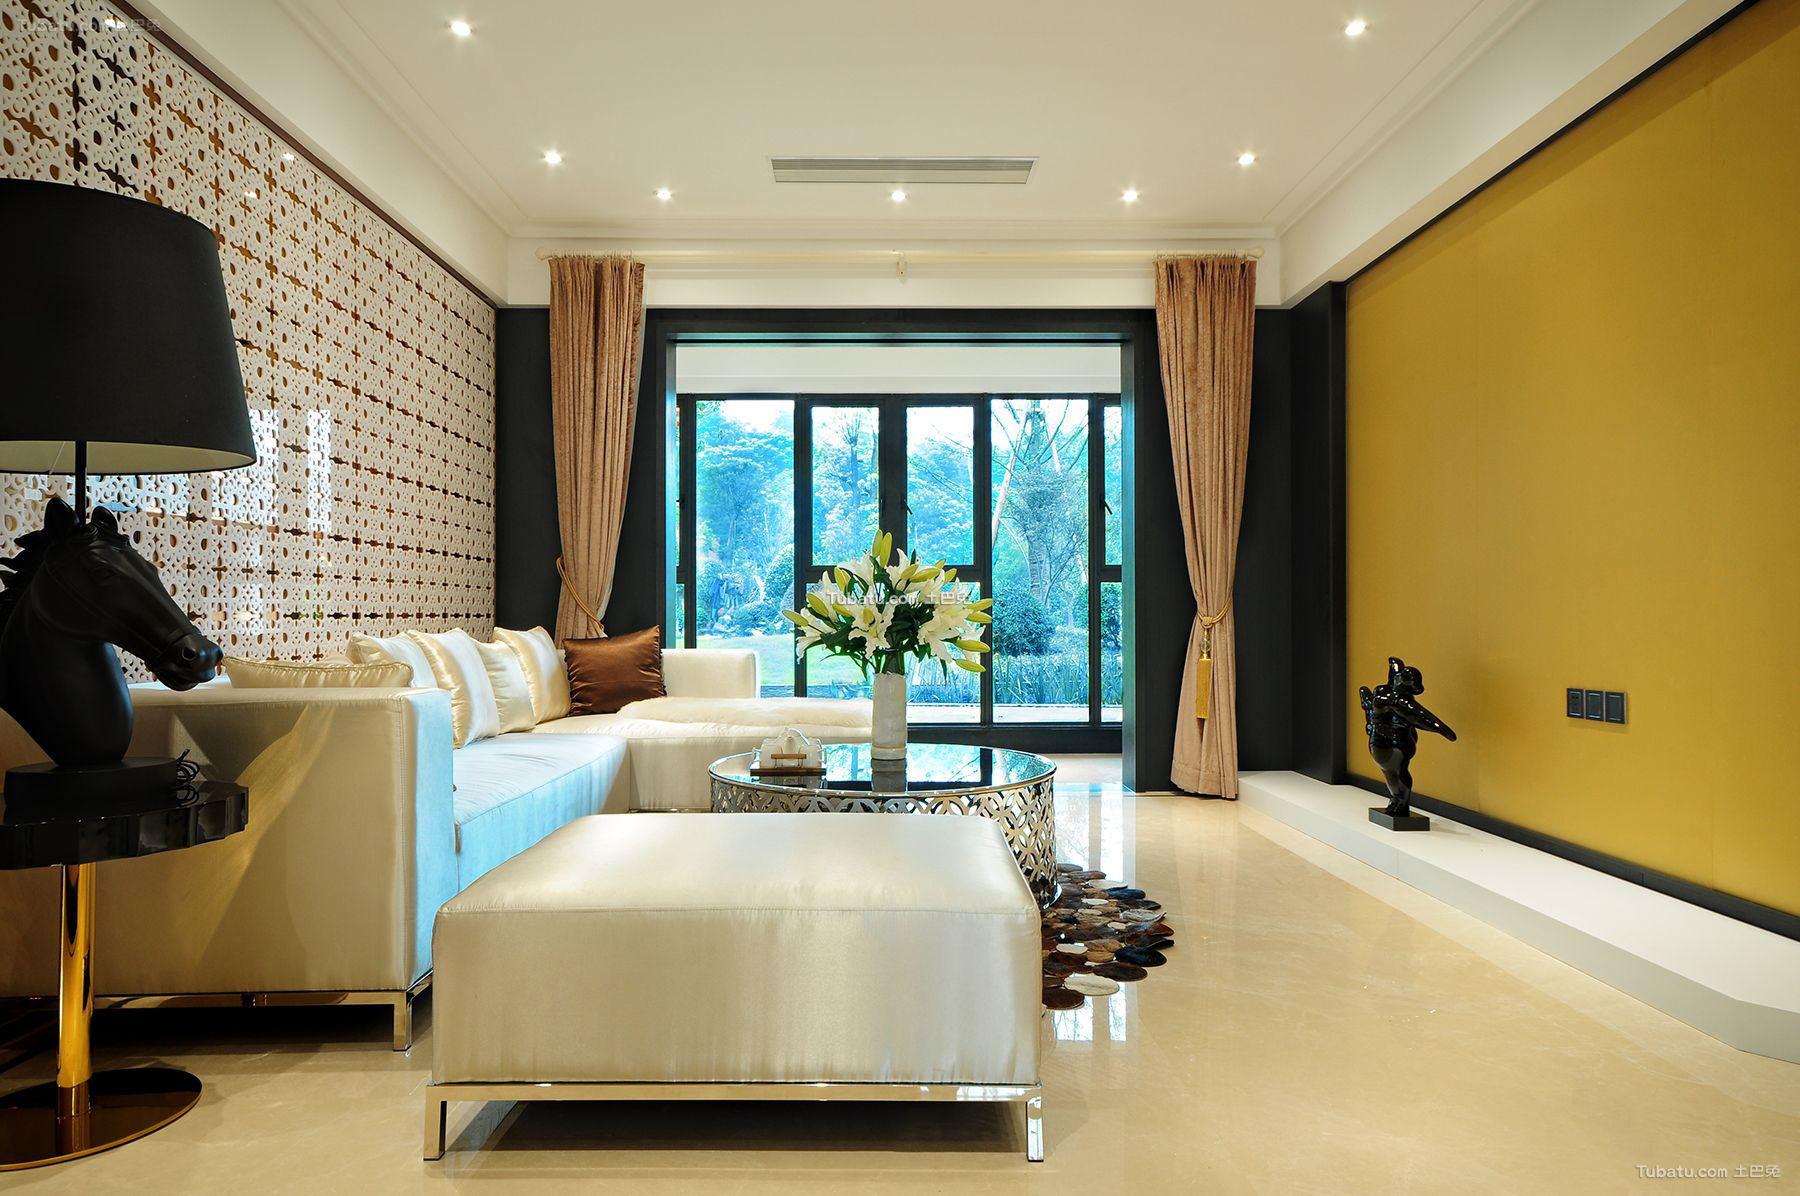 98平米东南亚风格两室两厅户型室内设计